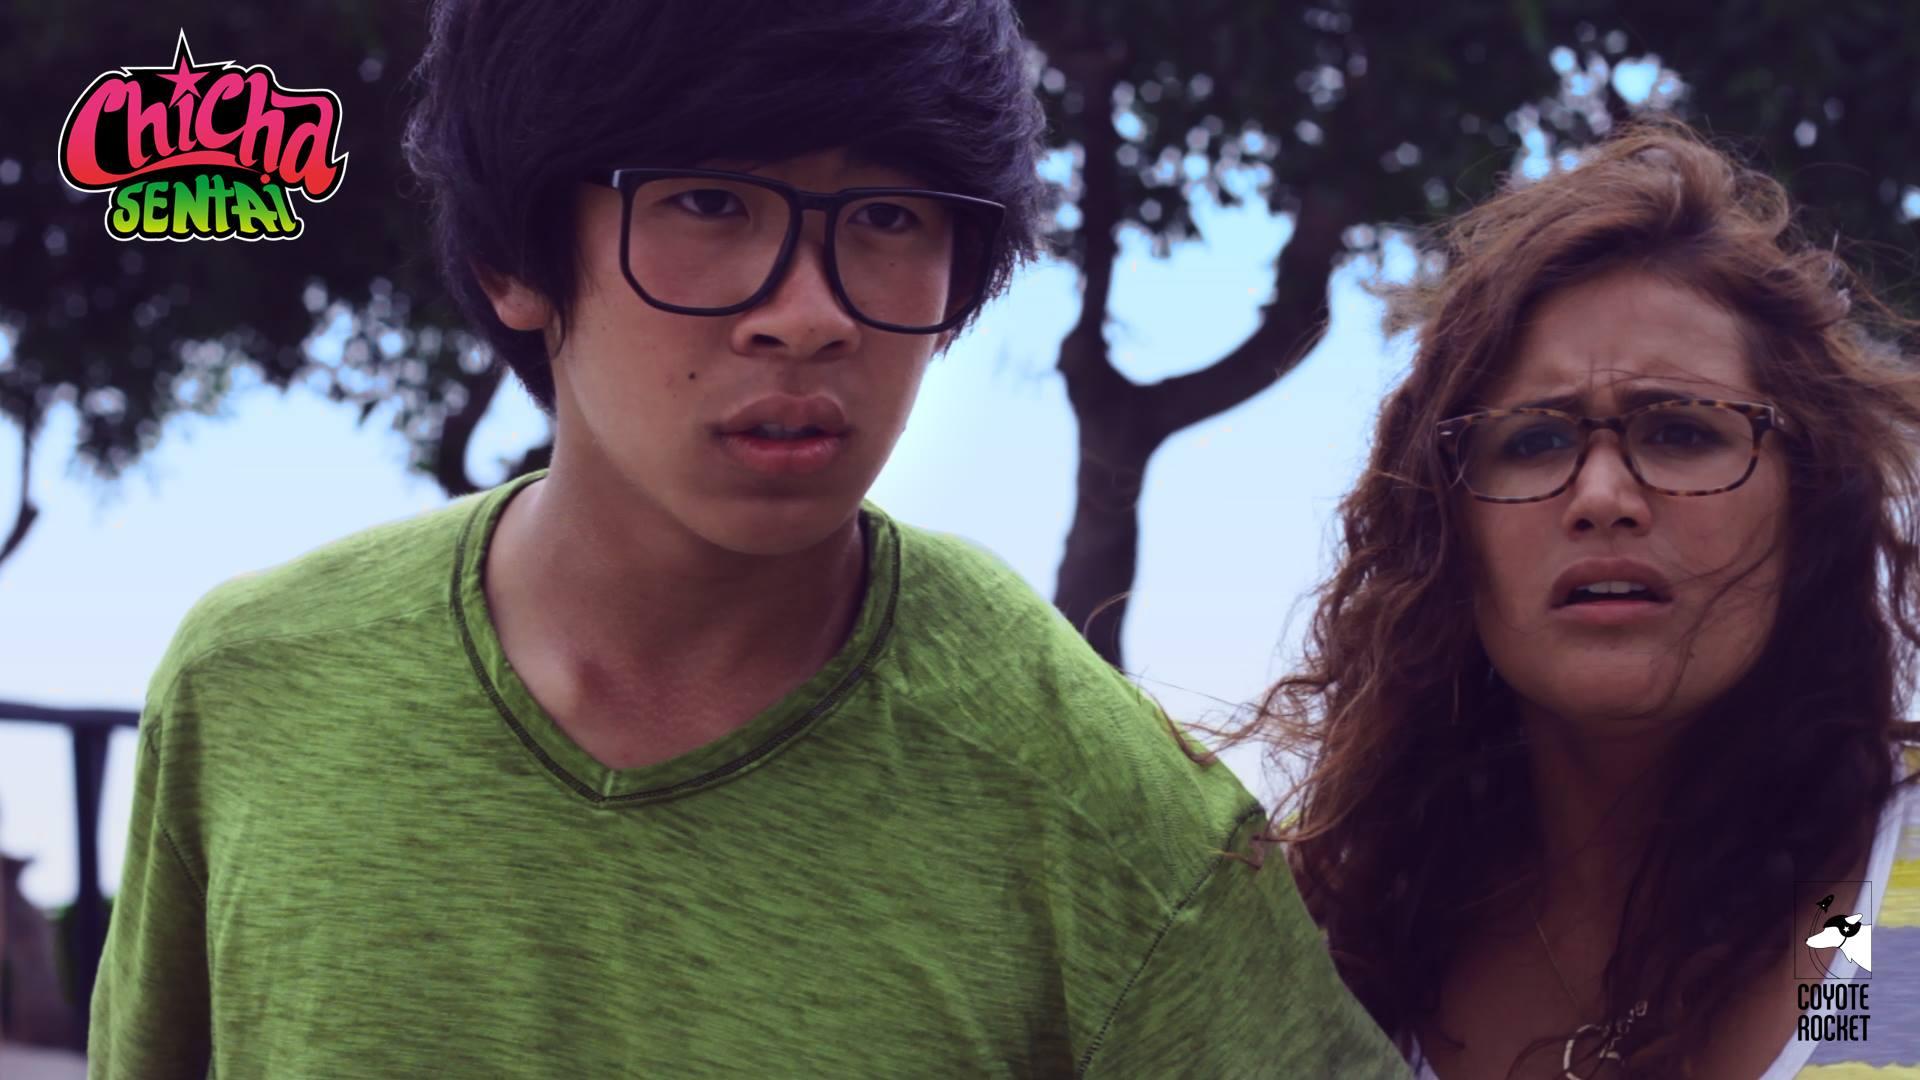 Foto de Tráiler de Chicha Sentai, un nuevo corto de ciencia ficción peruano